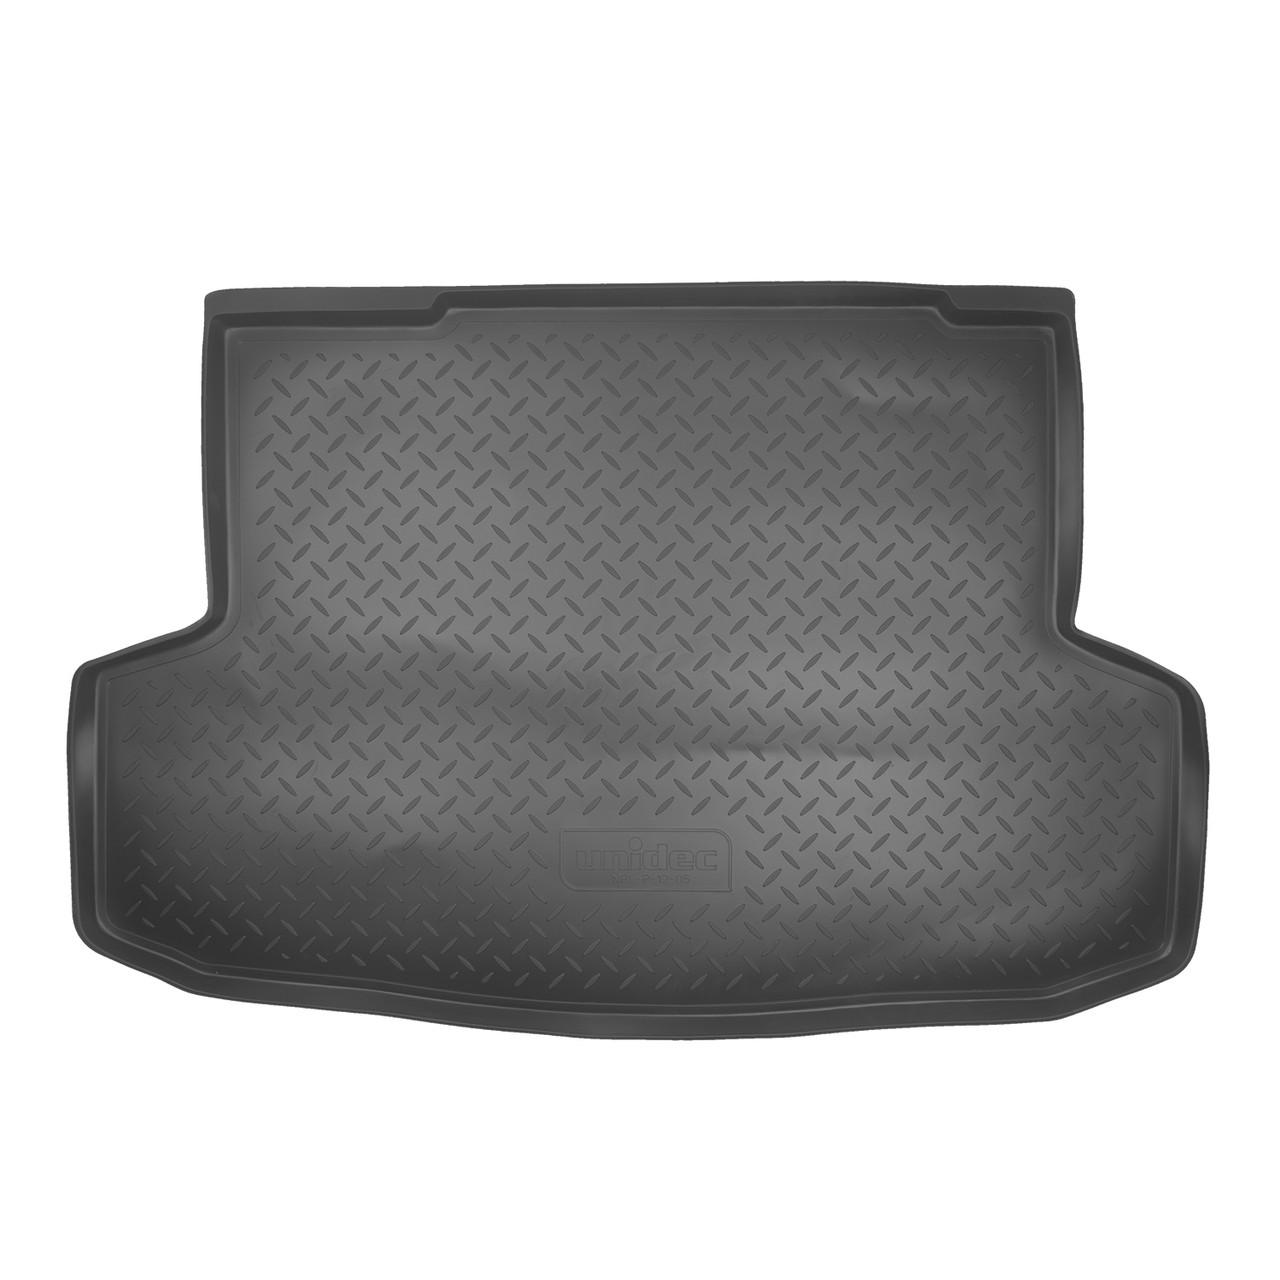 Коврик в багажник Chevrolet Aveo седан (2004-2011)\ Ravon Nexia R3 седан (2015-2020)